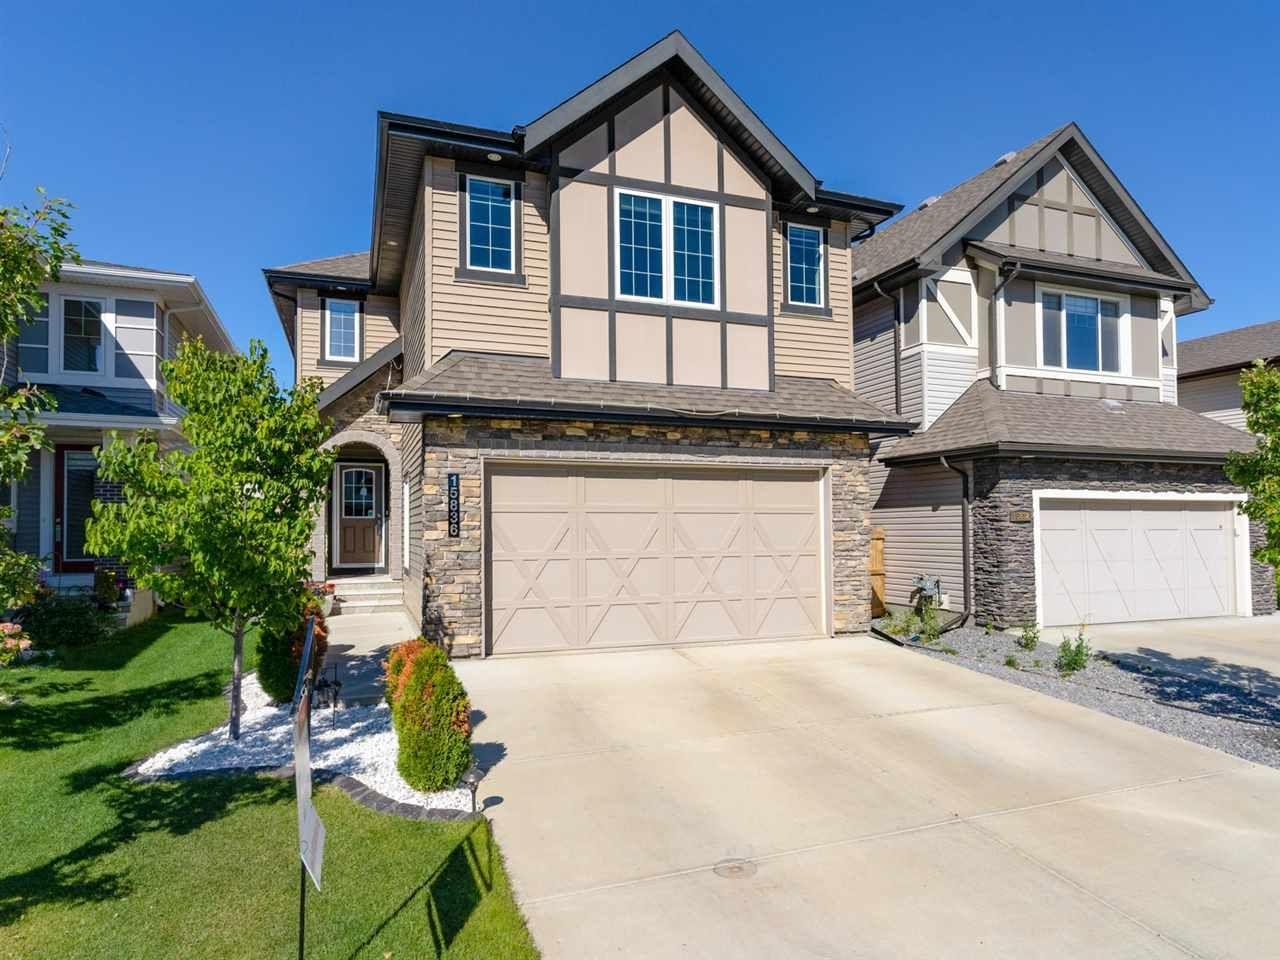 Main Photo: 15836 11 AV SW in Edmonton: Zone 56 House for sale : MLS®# E4225699